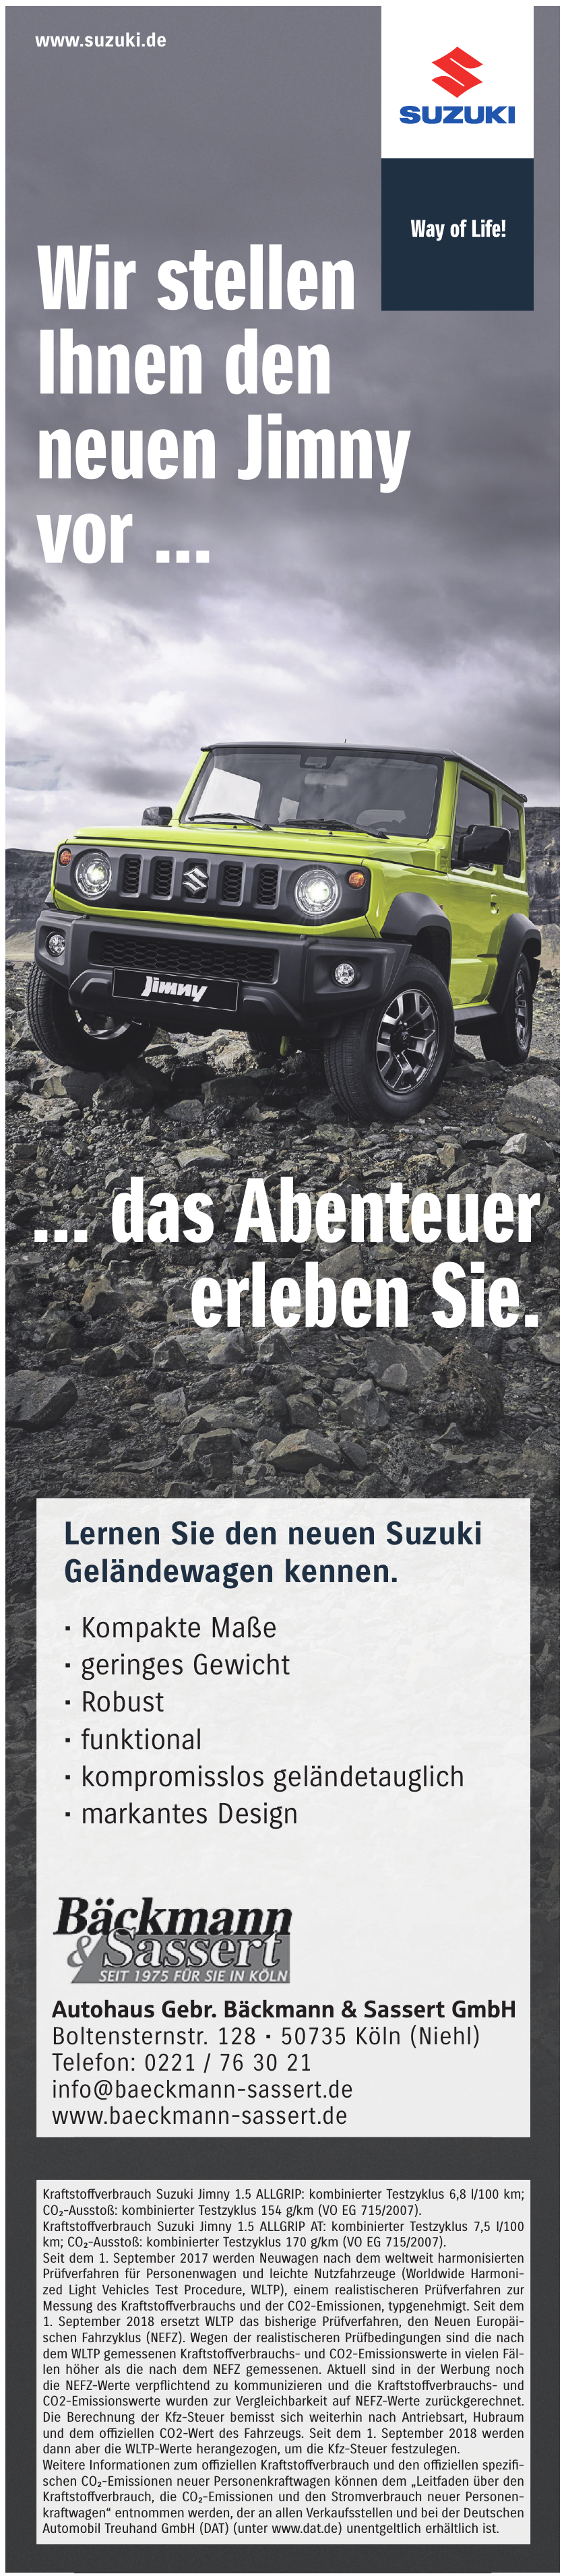 Gebr. Bäckmann & Sassert GmbH